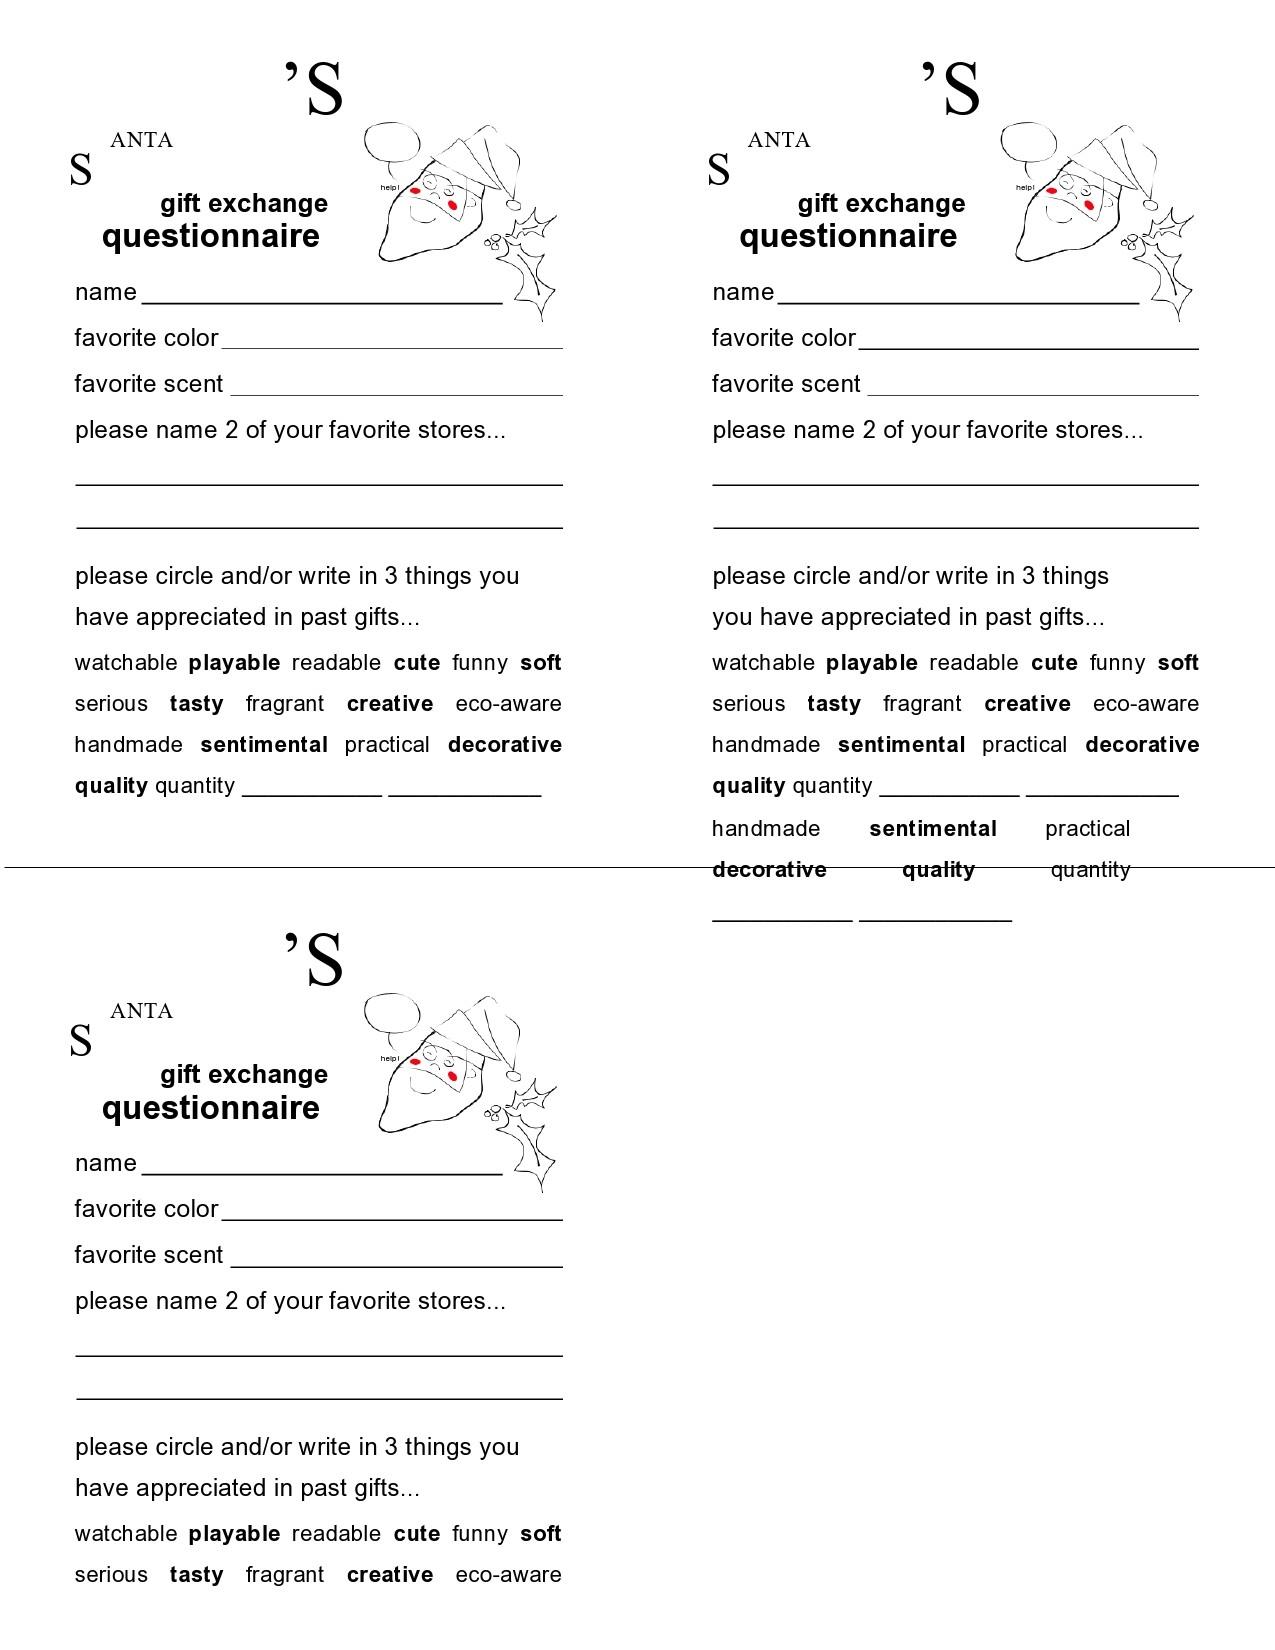 Free secret santa questionnaire 07